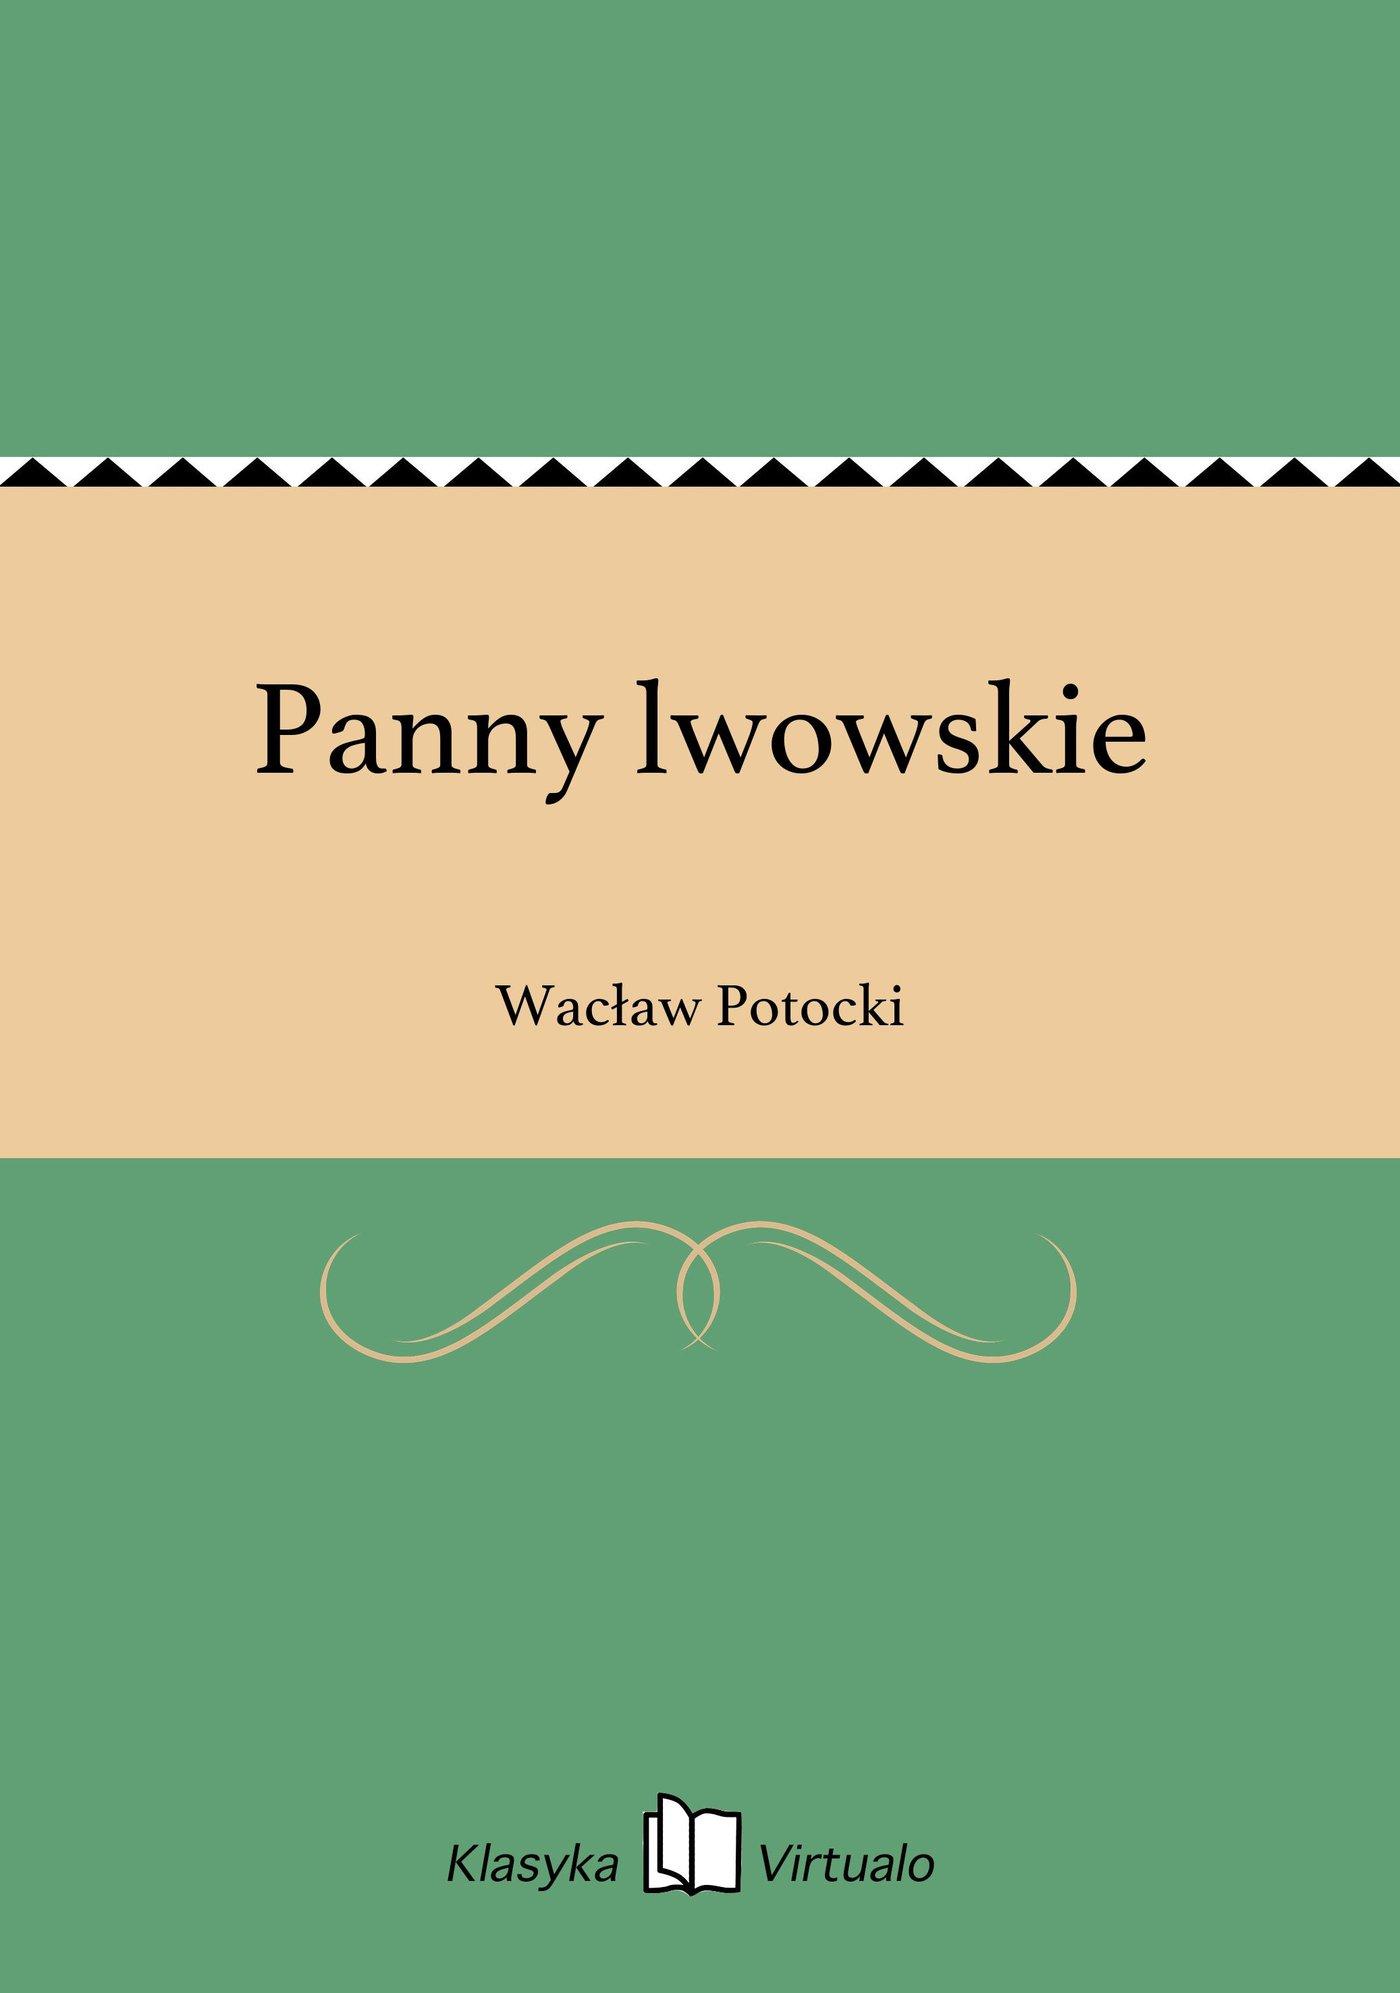 Panny lwowskie - Ebook (Książka EPUB) do pobrania w formacie EPUB